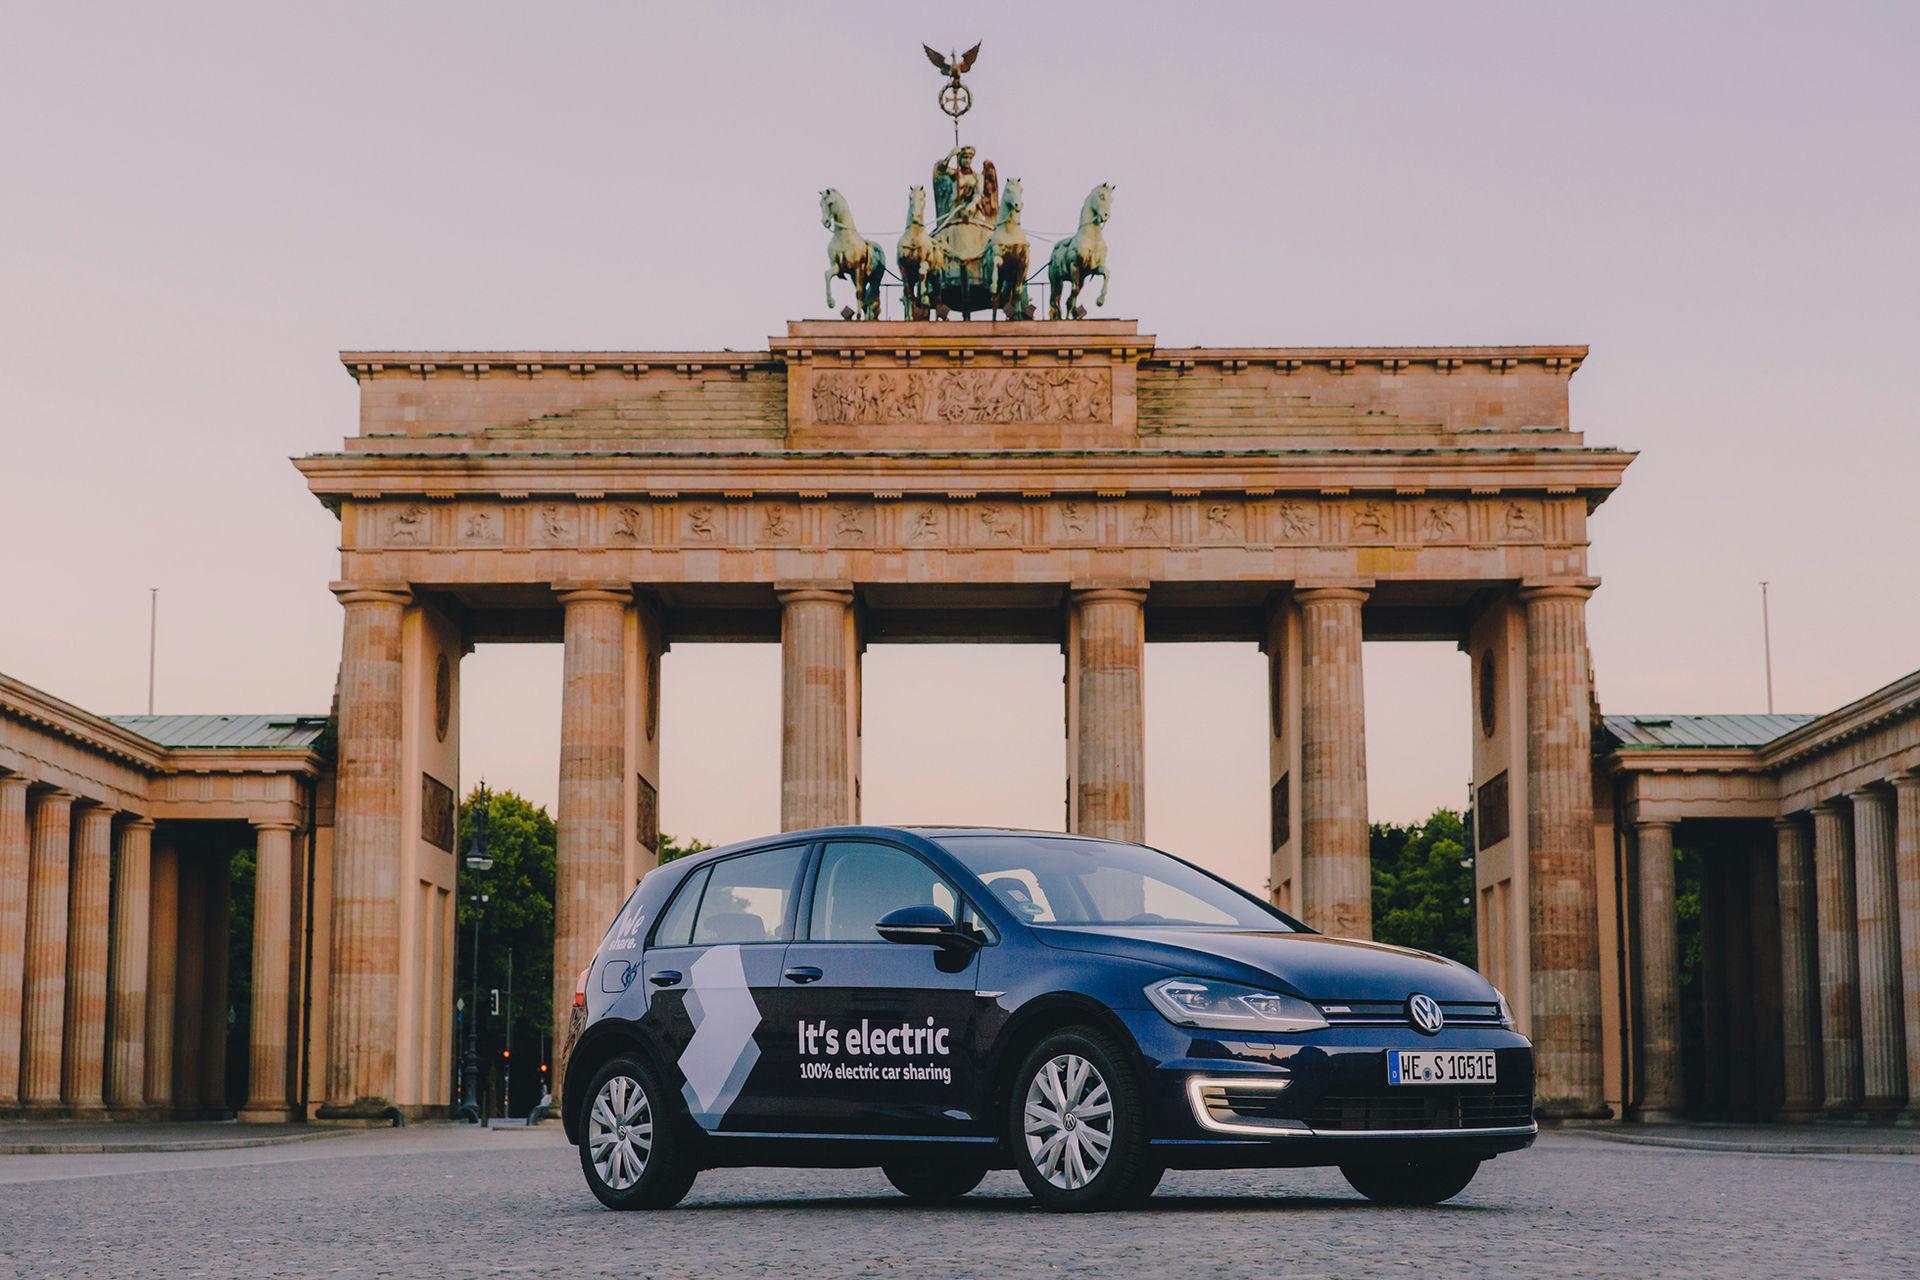 Volkswagens nya bildelningstjänst med elbilar lanserad